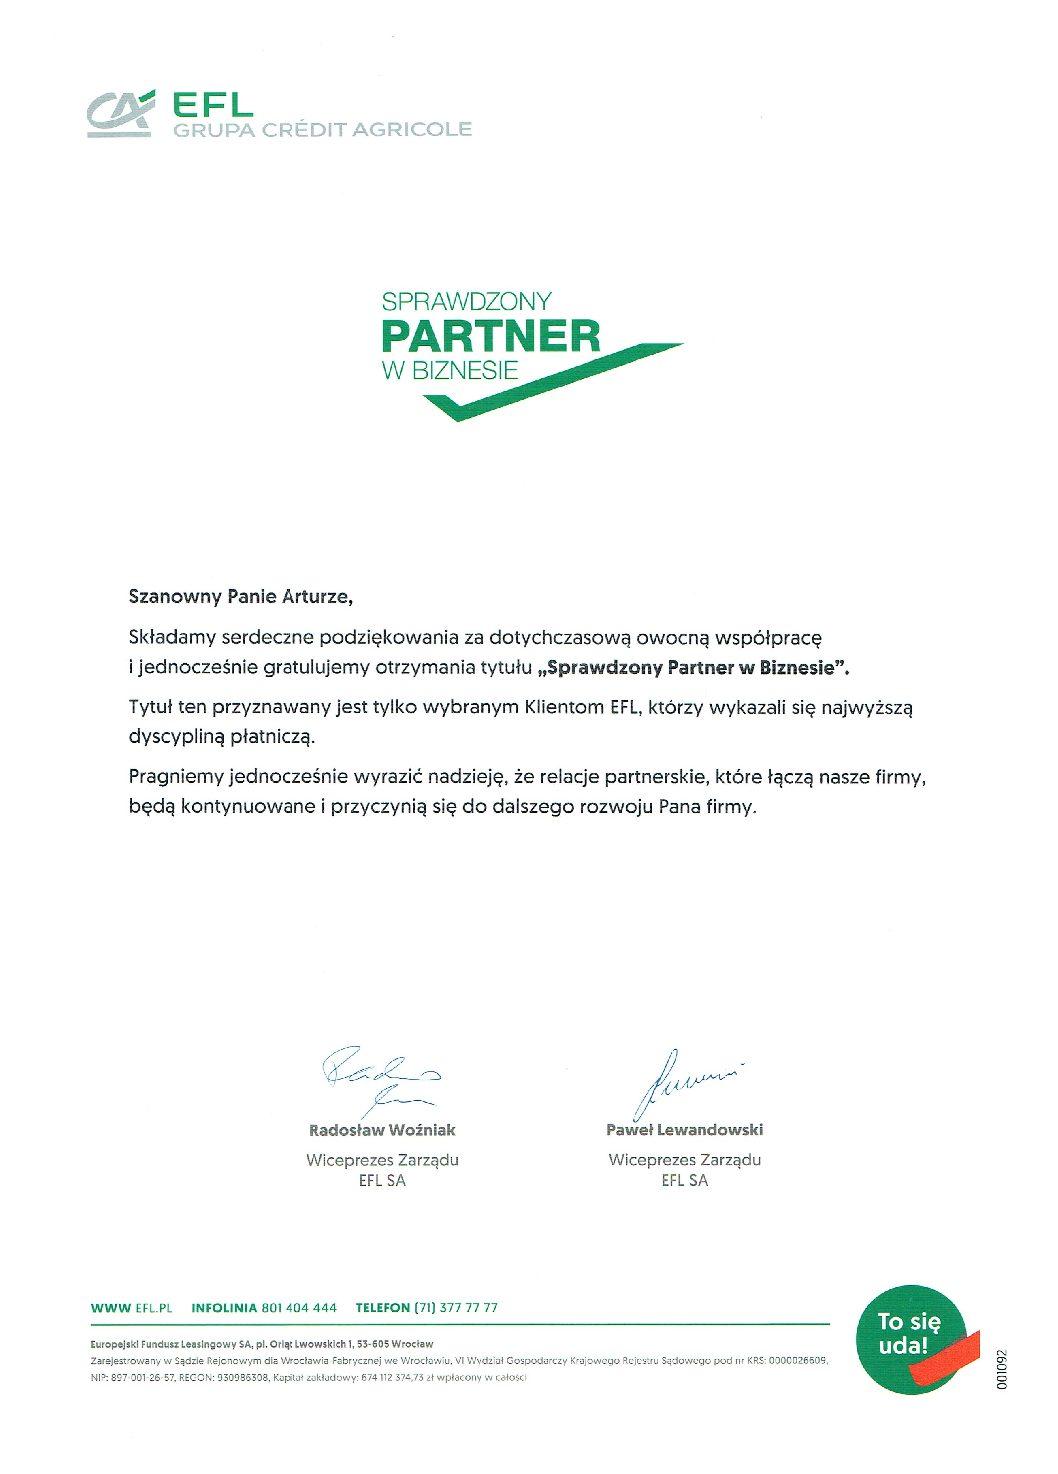 Sprawdzony partner w biznesie